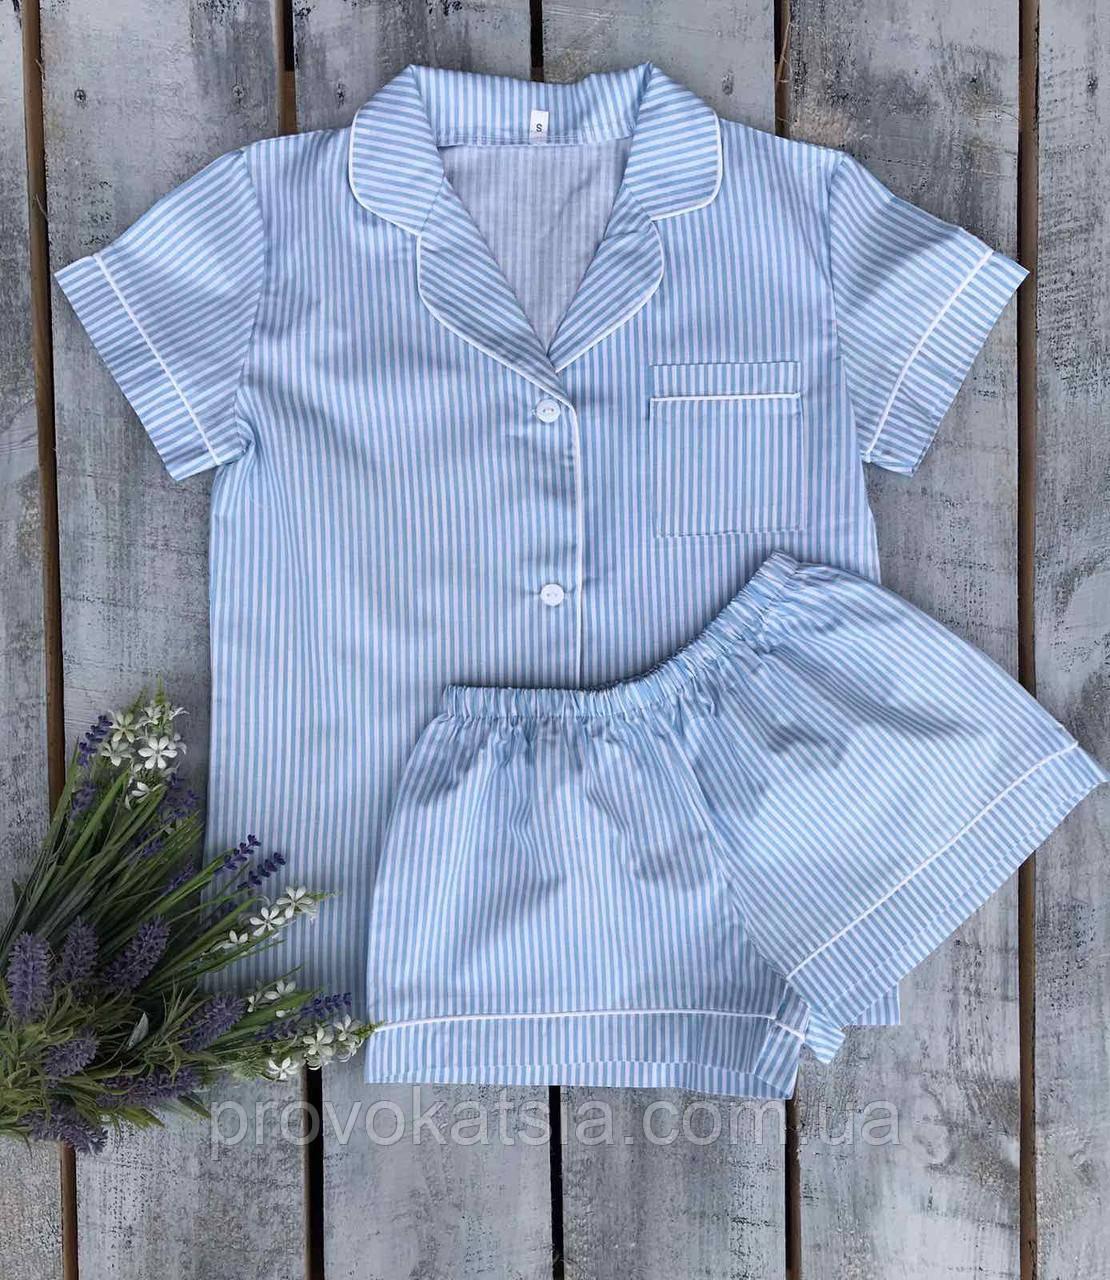 Женская хлопковая пижама в голубую полосочку